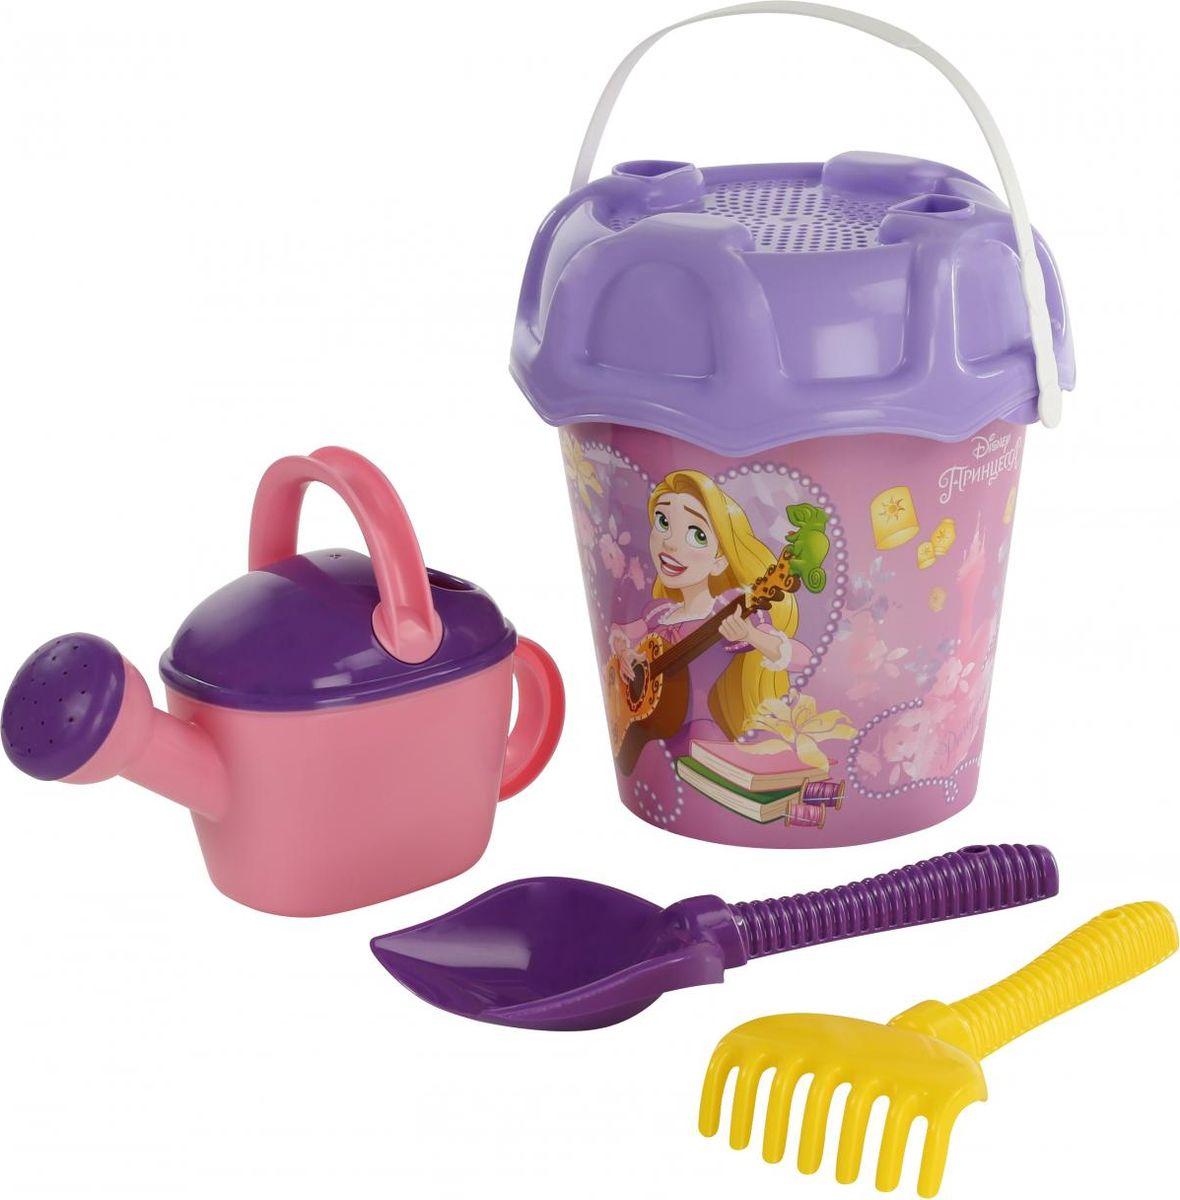 Disney Набор игрушек для песочницы Принцесса №15 5 предметов disney набор игрушек для песочницы принцесса 13 5 предметов